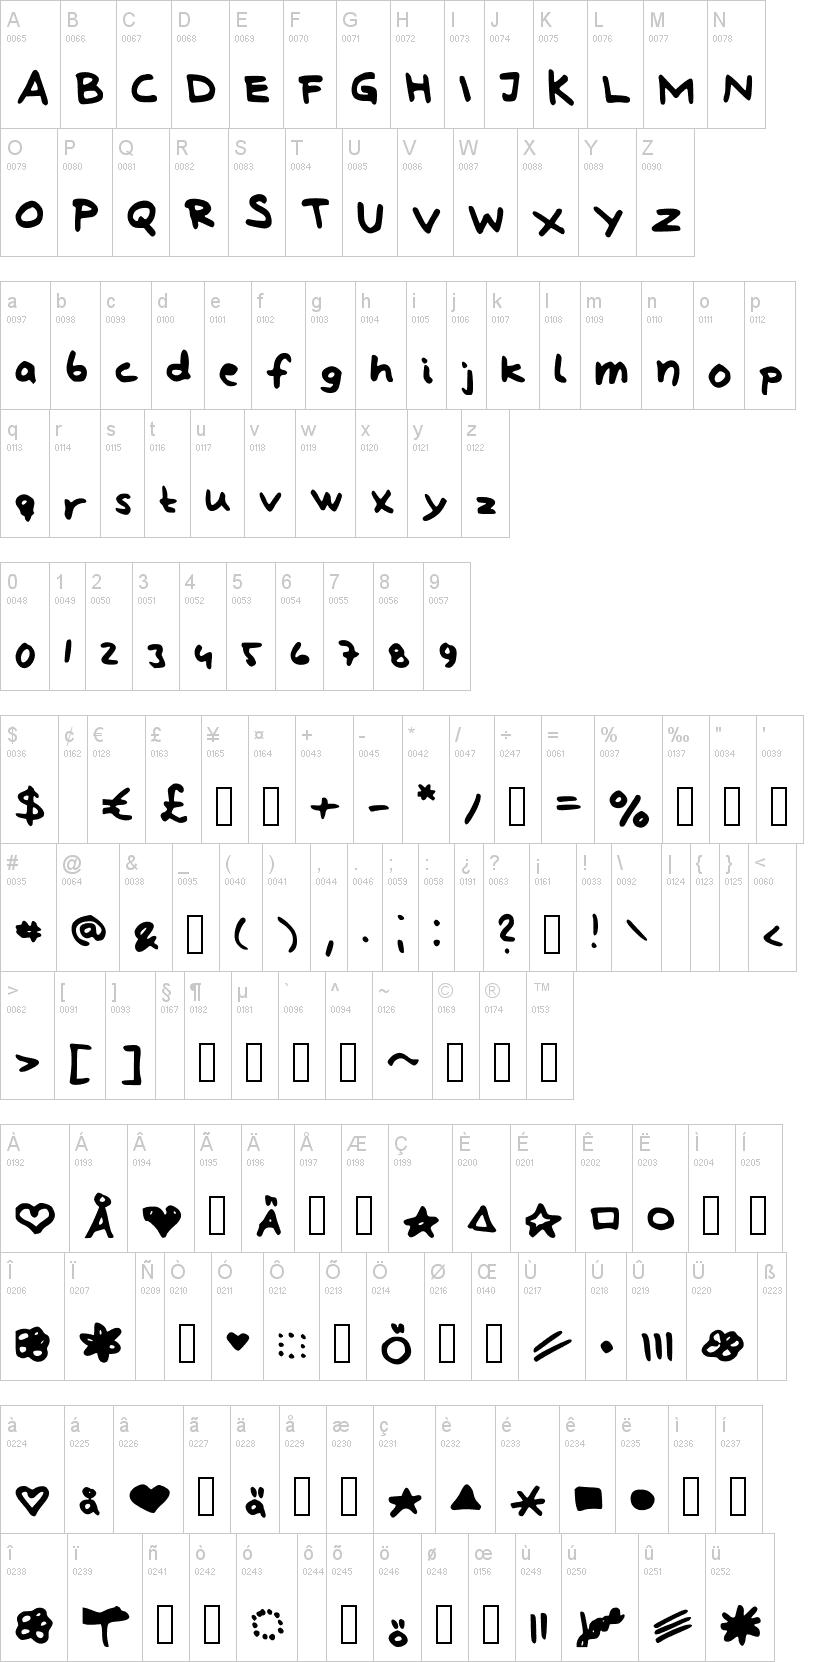 Lindberg hand and symbols Font | dafont.com